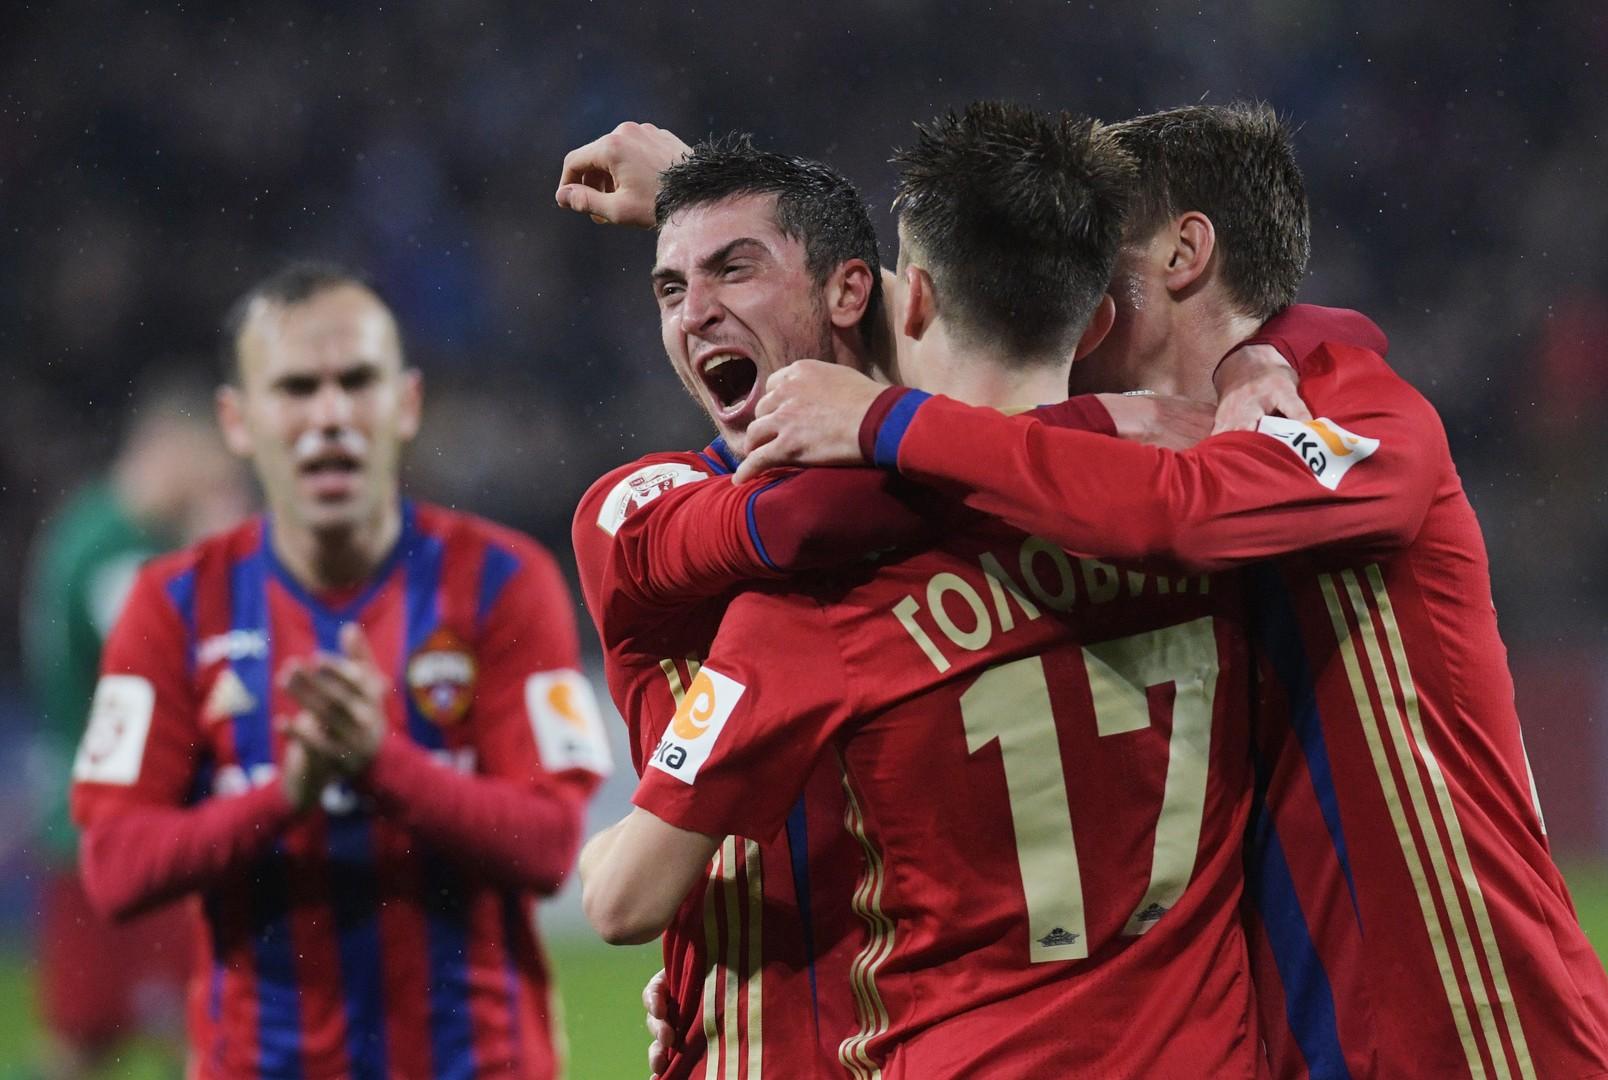 «Нам серьёзно дали по мозгам»: как «Локомотив» пережил разгром в дерби с ЦСКА